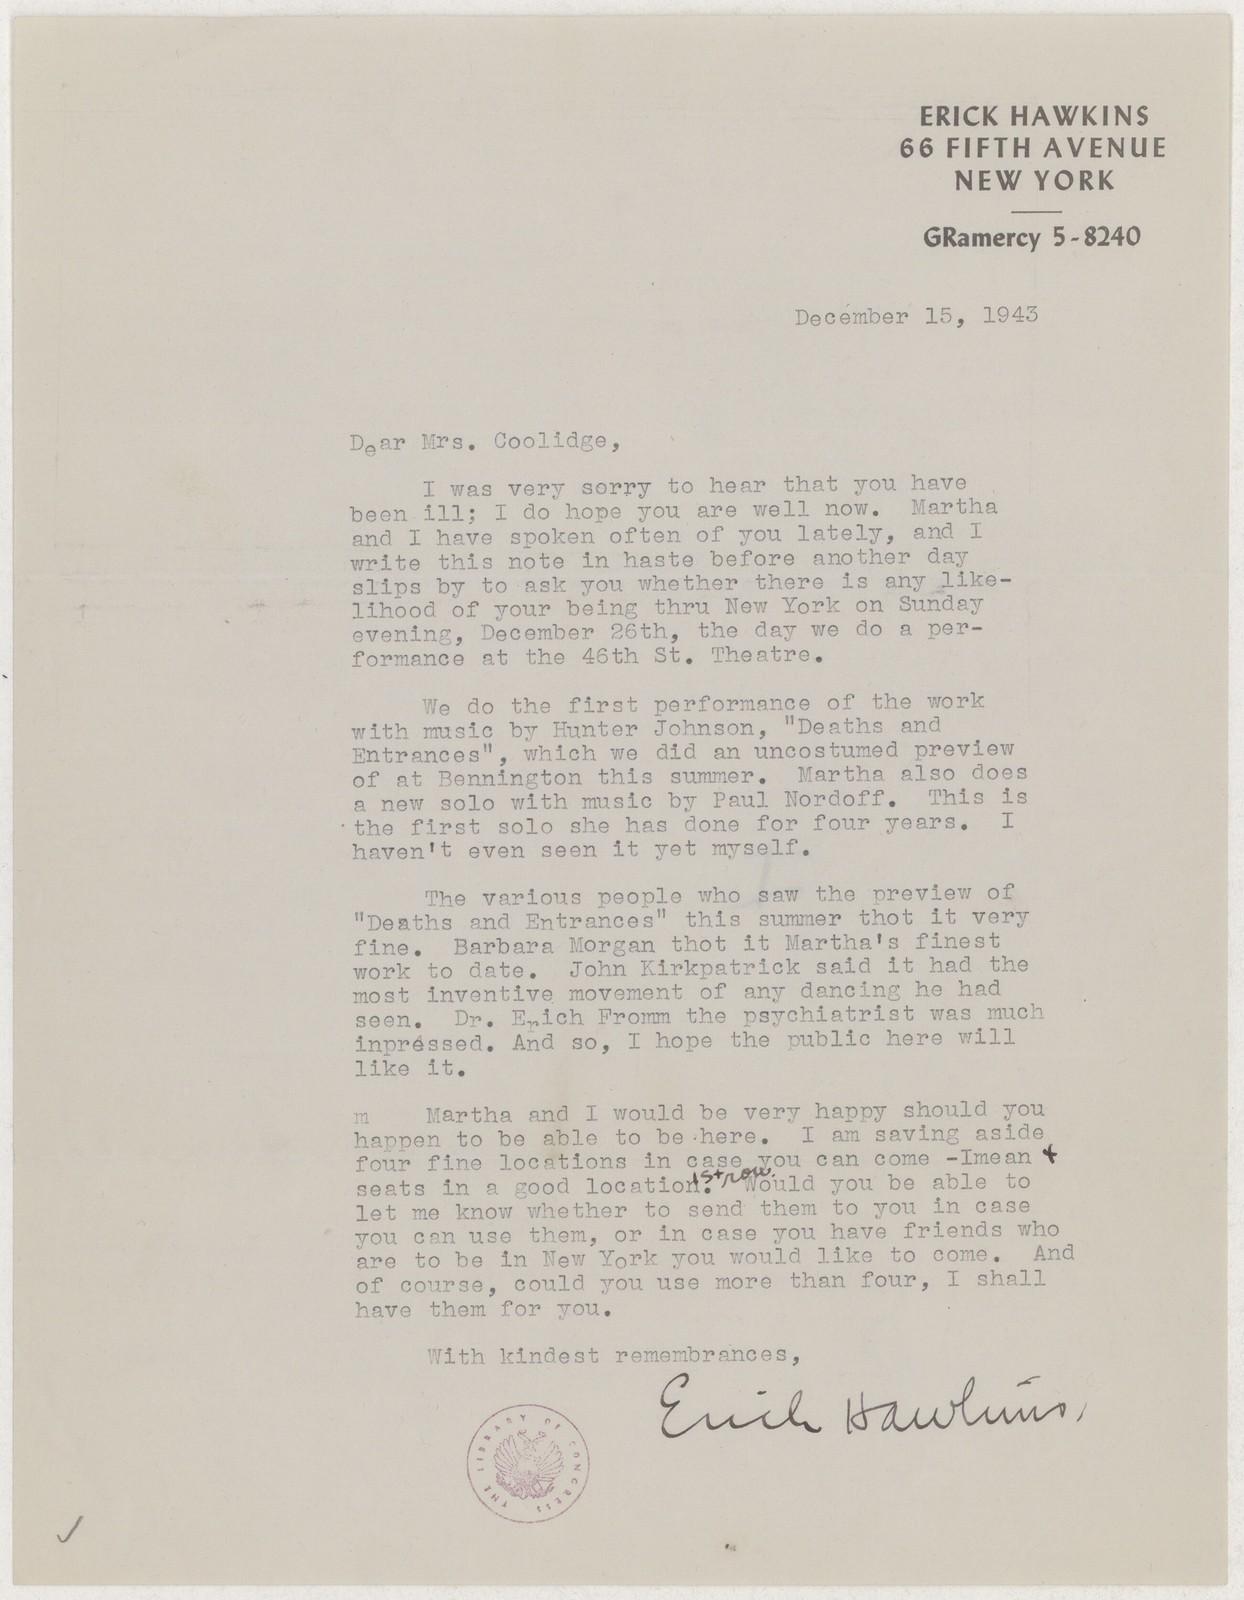 [ Letter from Erick Hawkins to Elizabeth Sprague Coolidge, December 15, 1943]